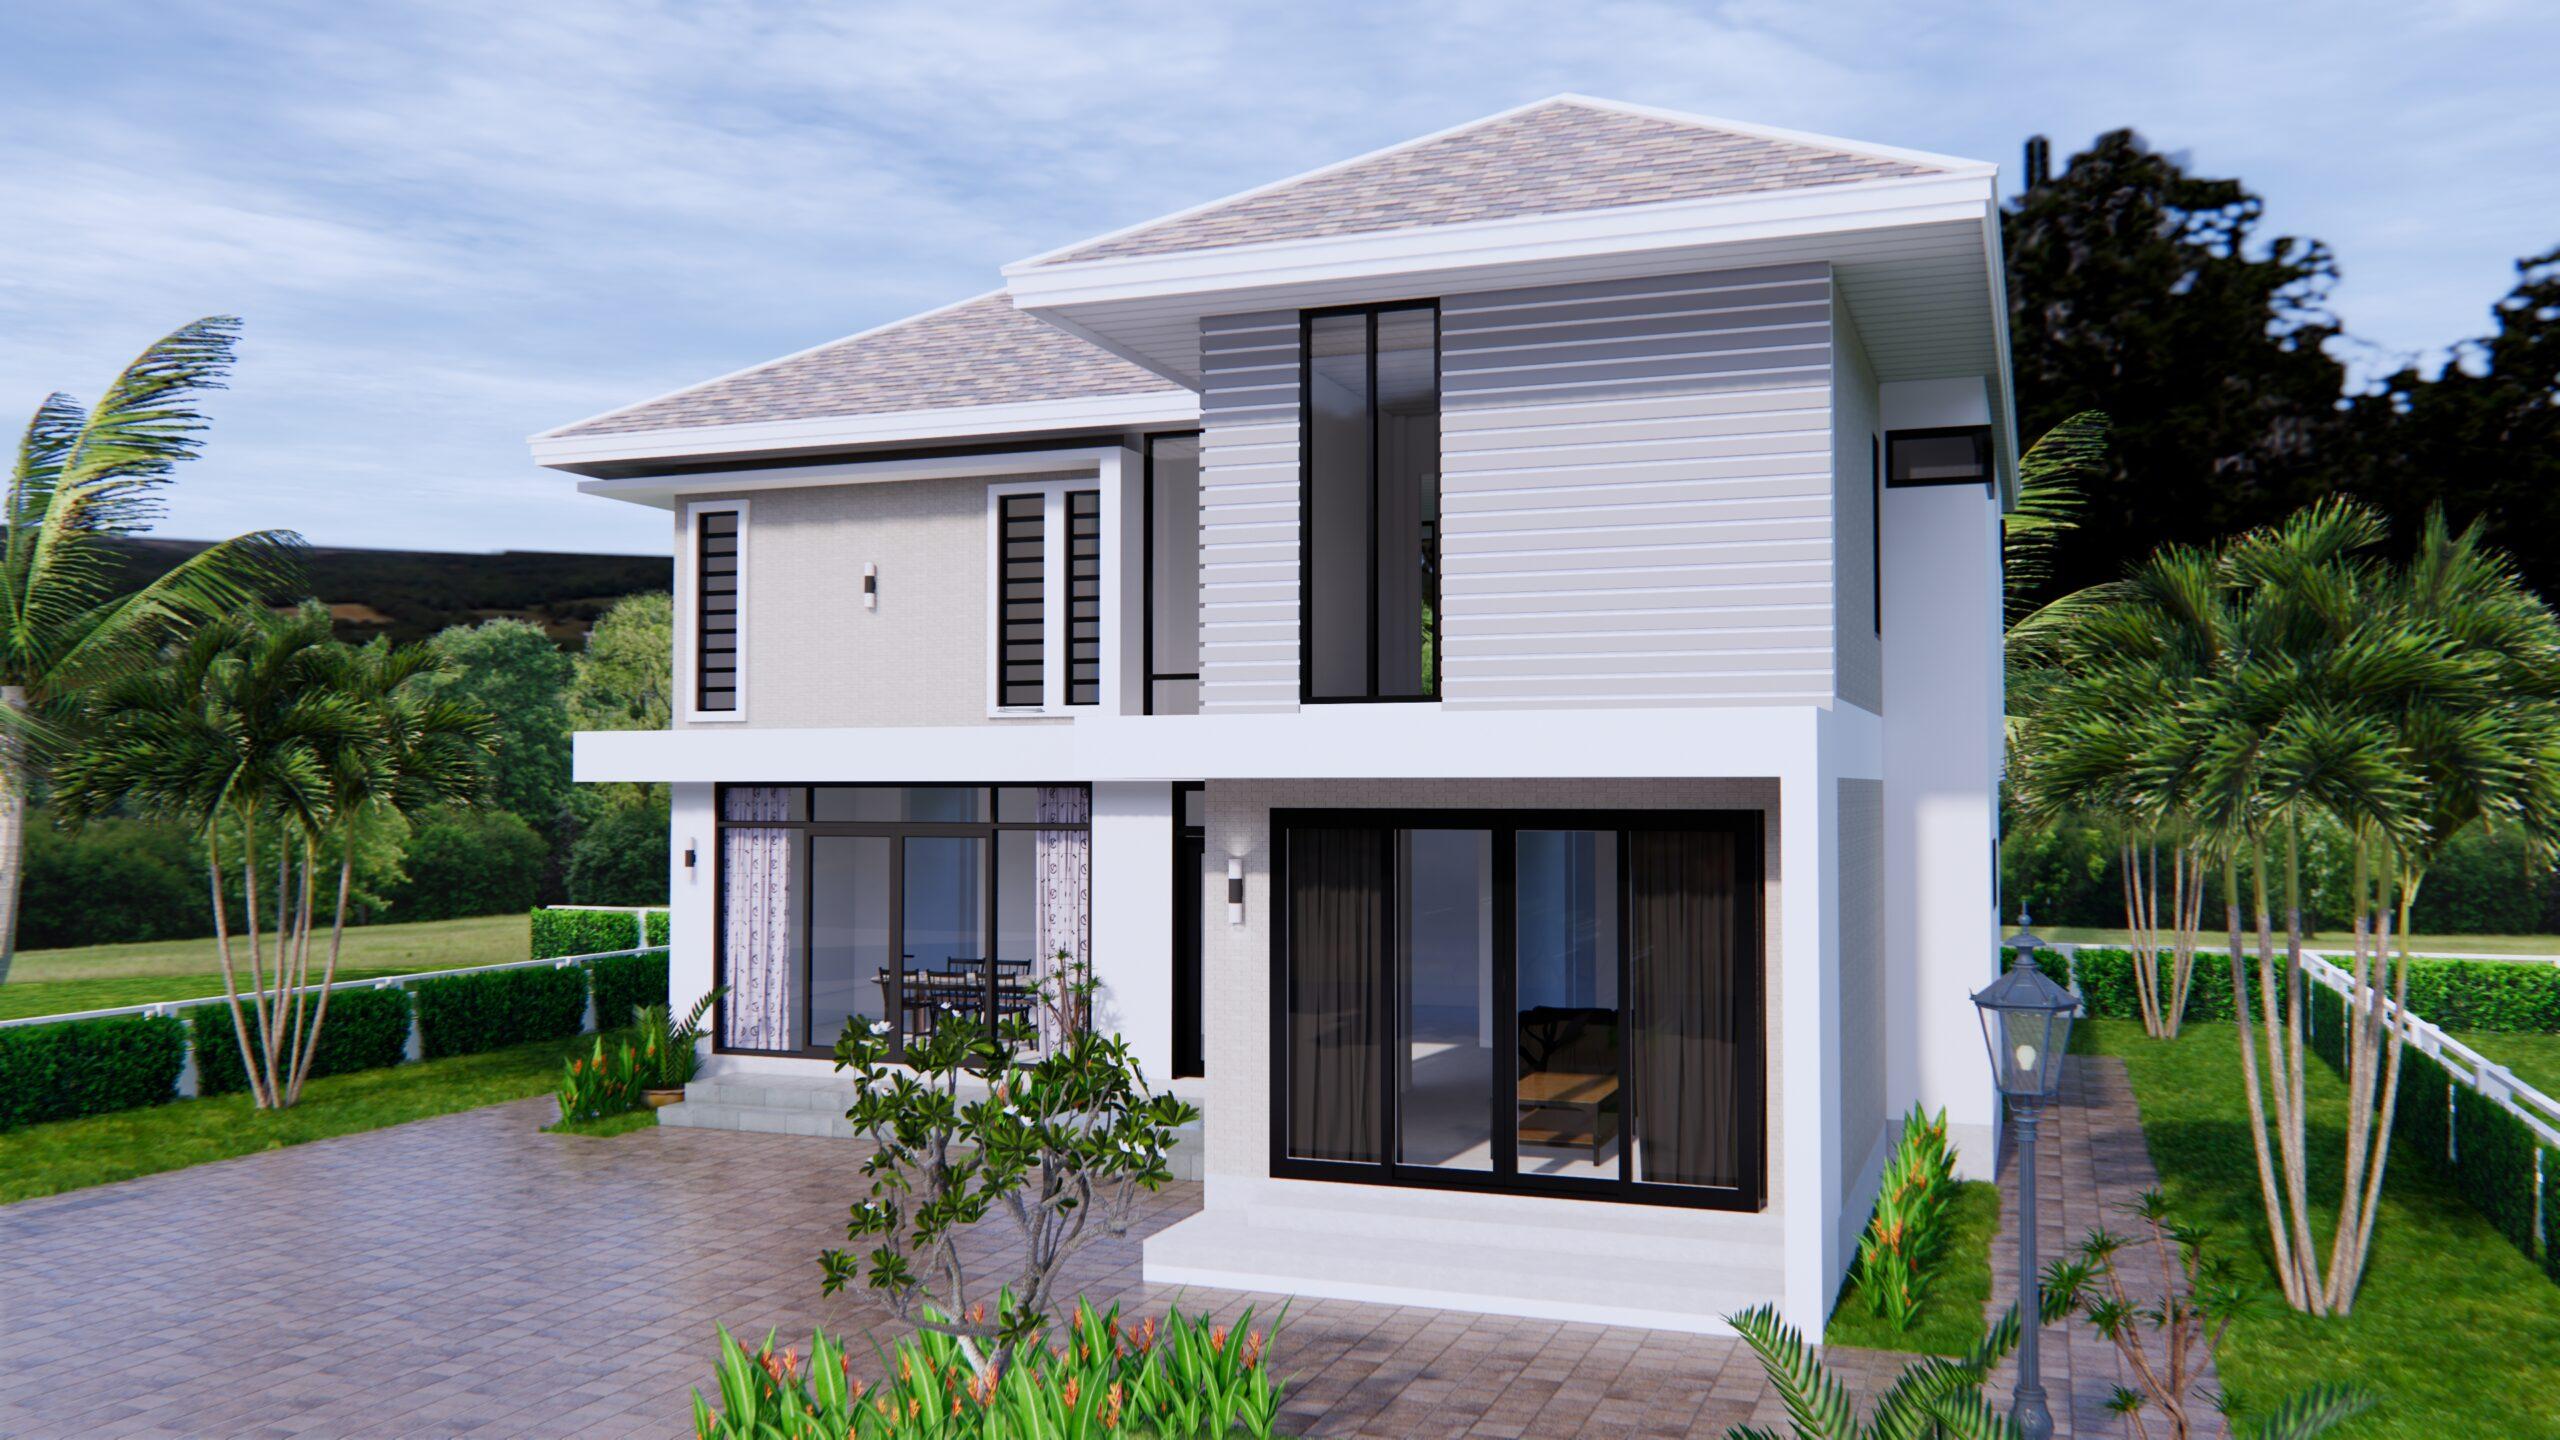 Home Designs 12.4x11 Meter 41x35 Feet 4 Beds 3